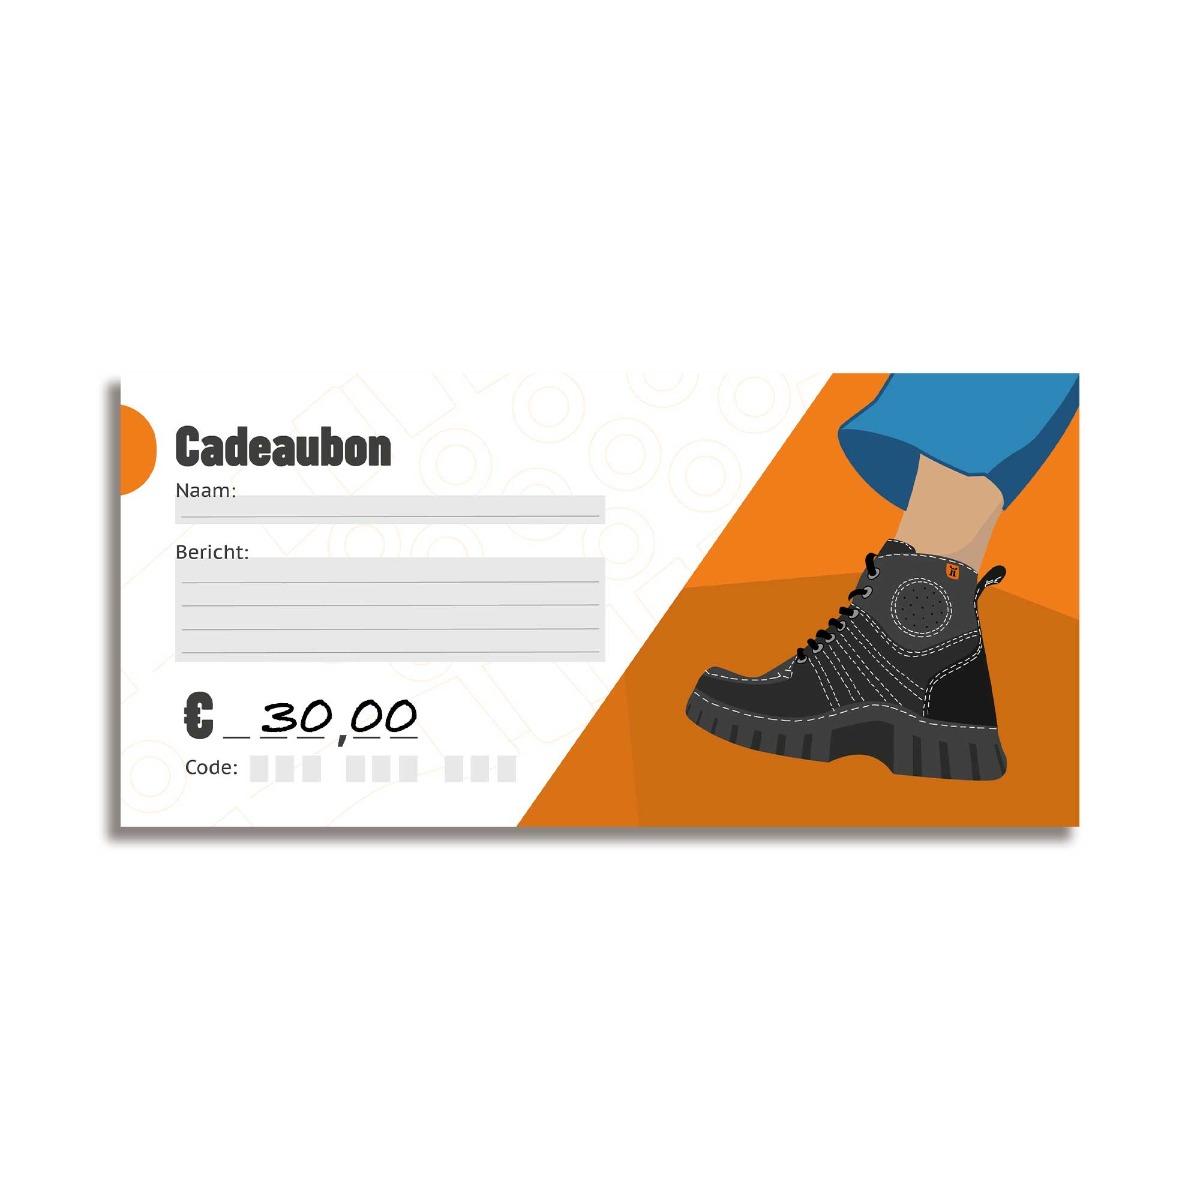 Cadeaubon / Gift-Card MAG 30